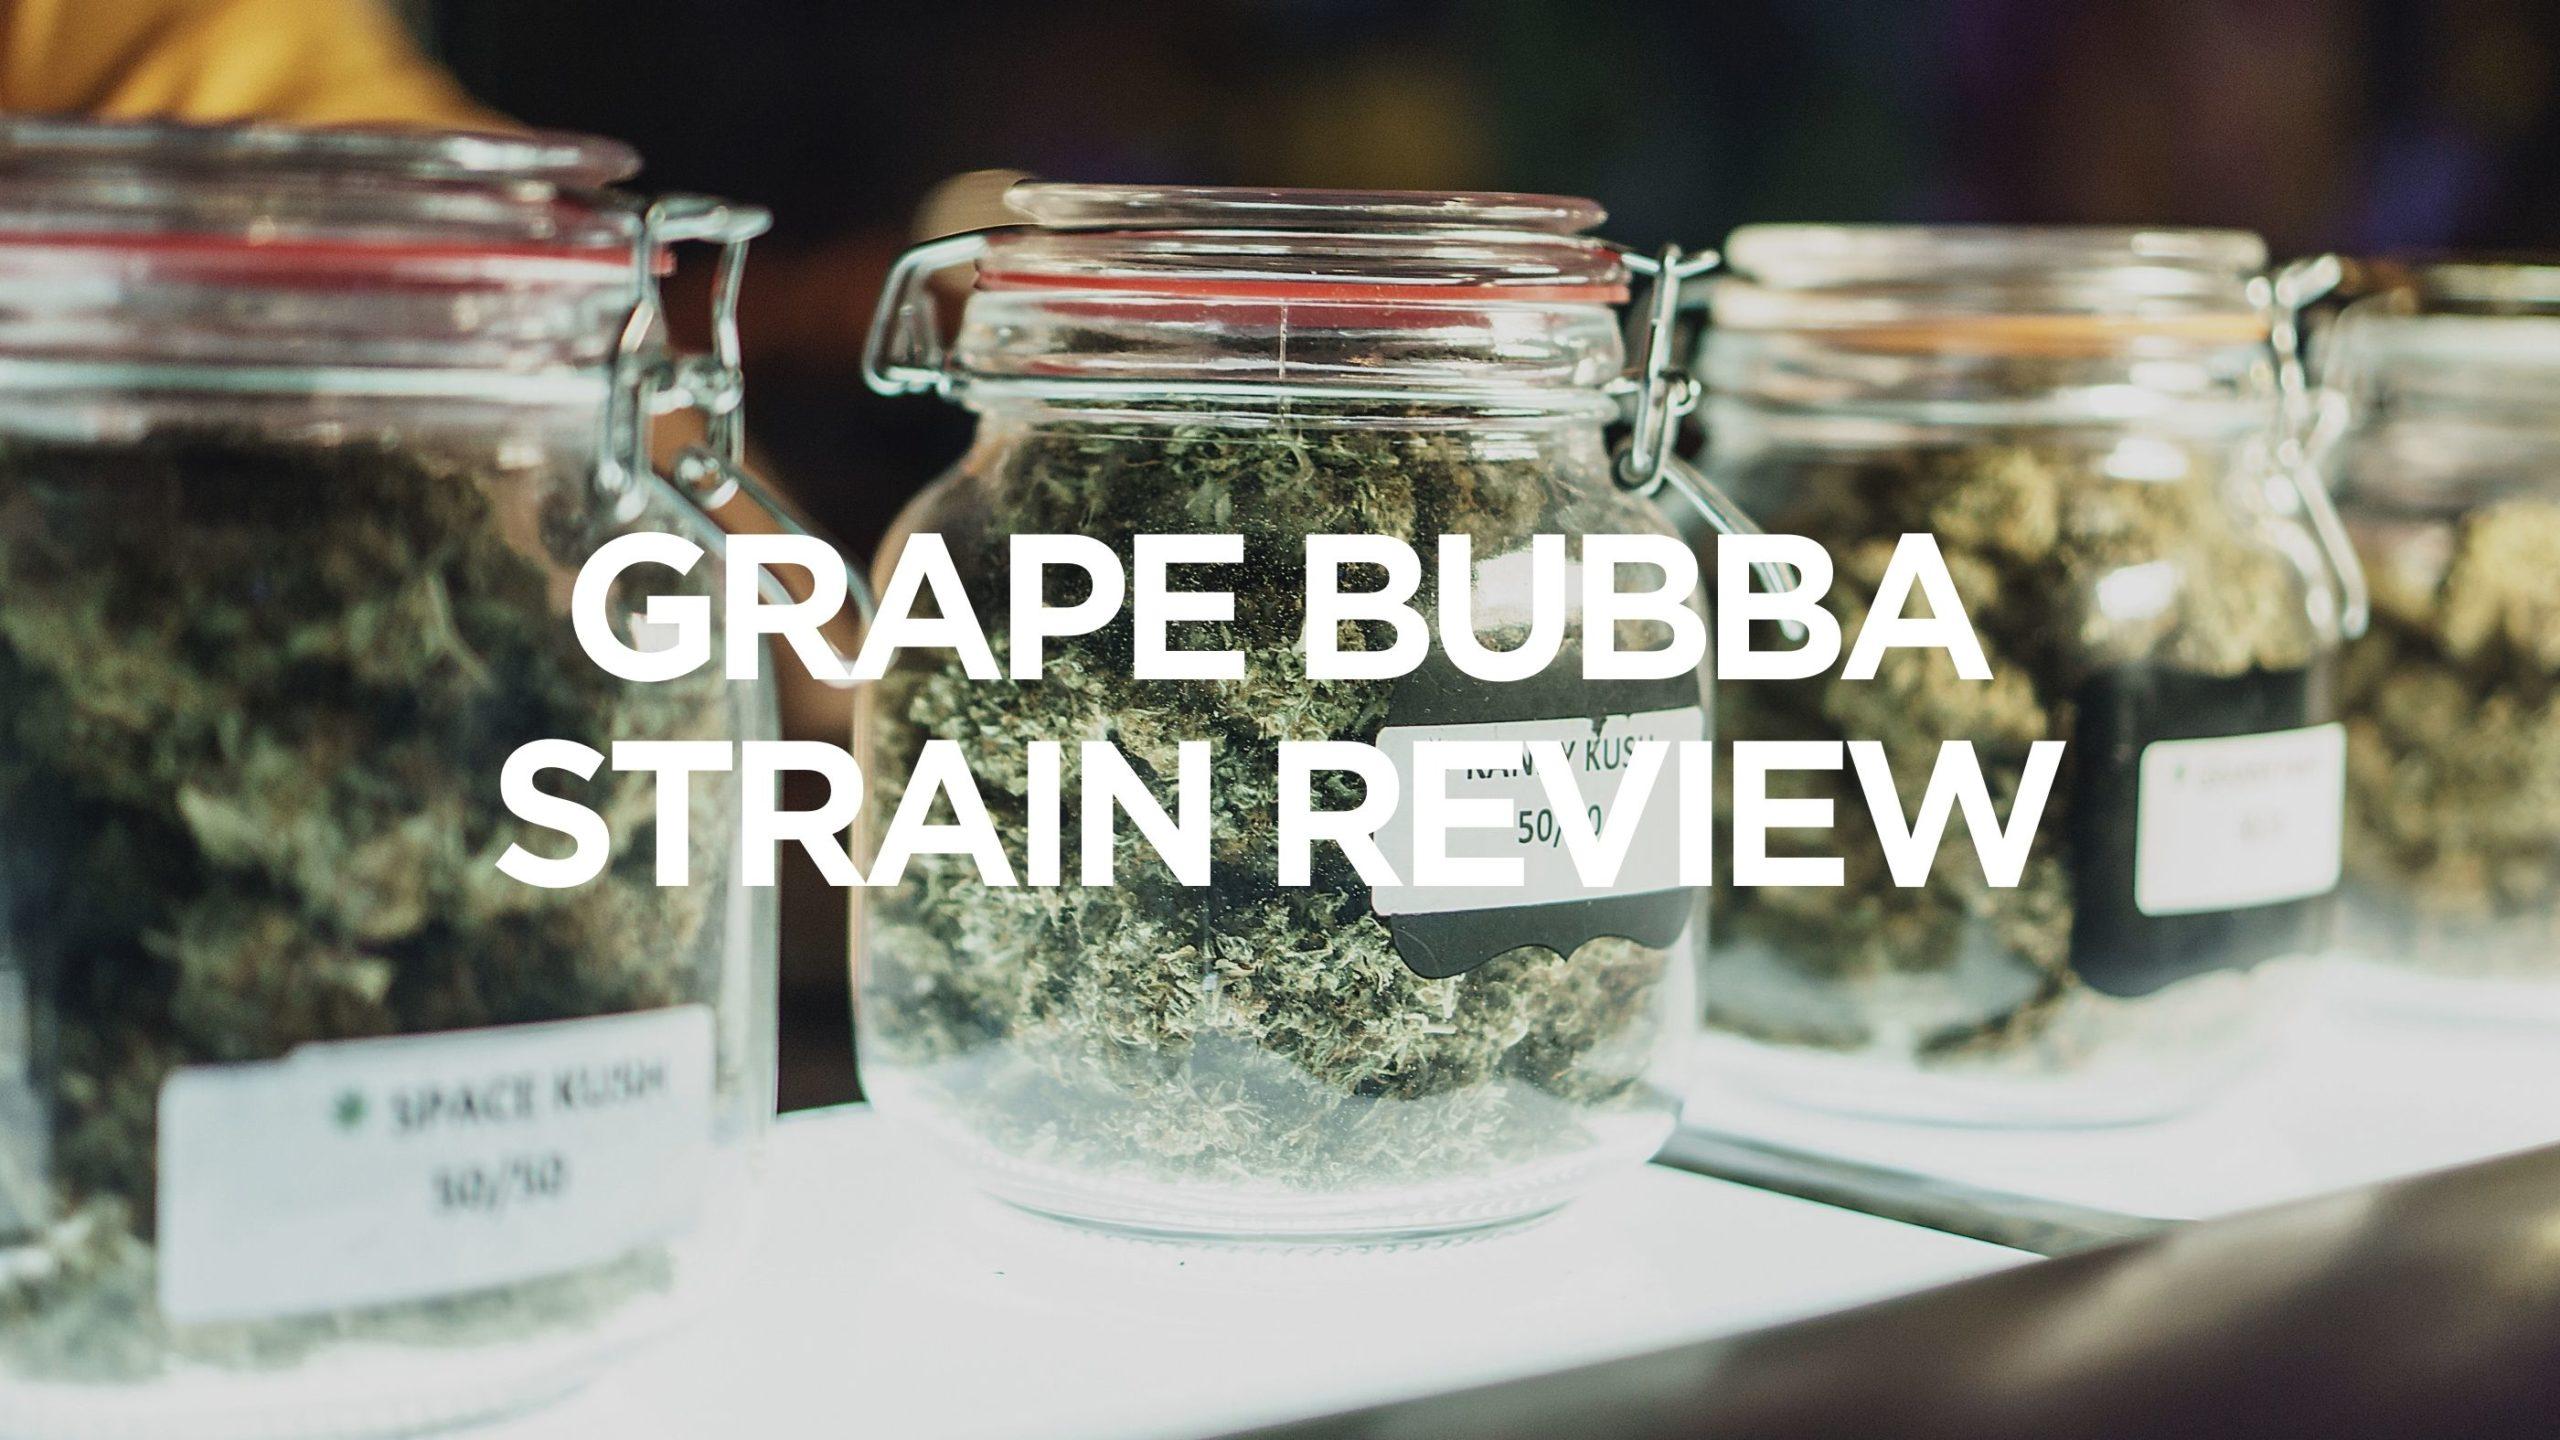 grape-bubba-strain-review